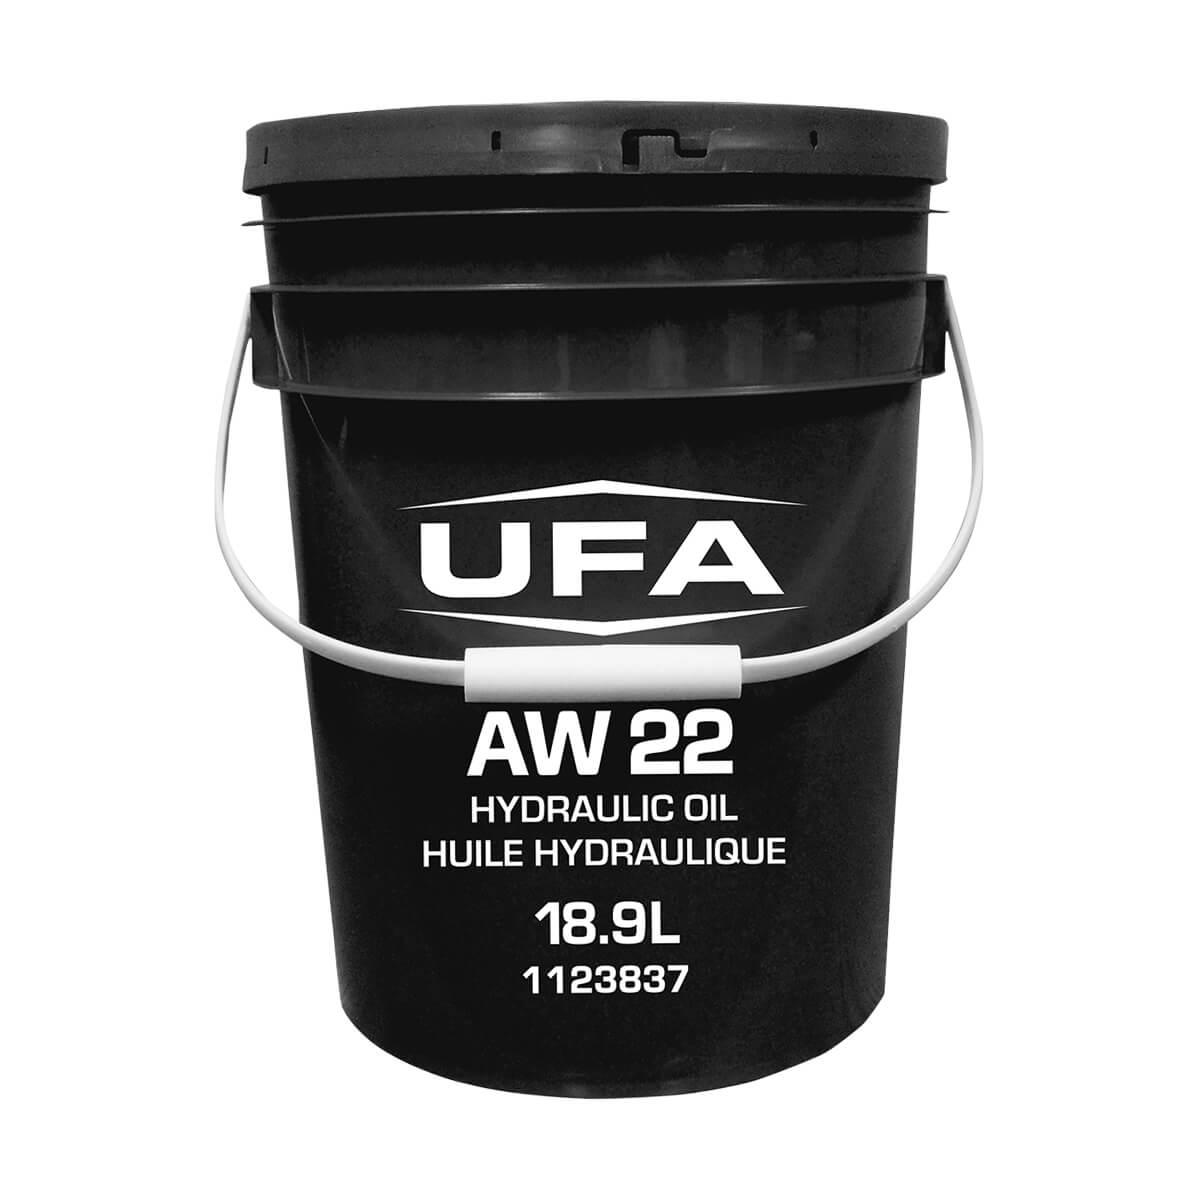 UFA Anti-Wear Hydraulic Oil AW 22 - 18.9 L